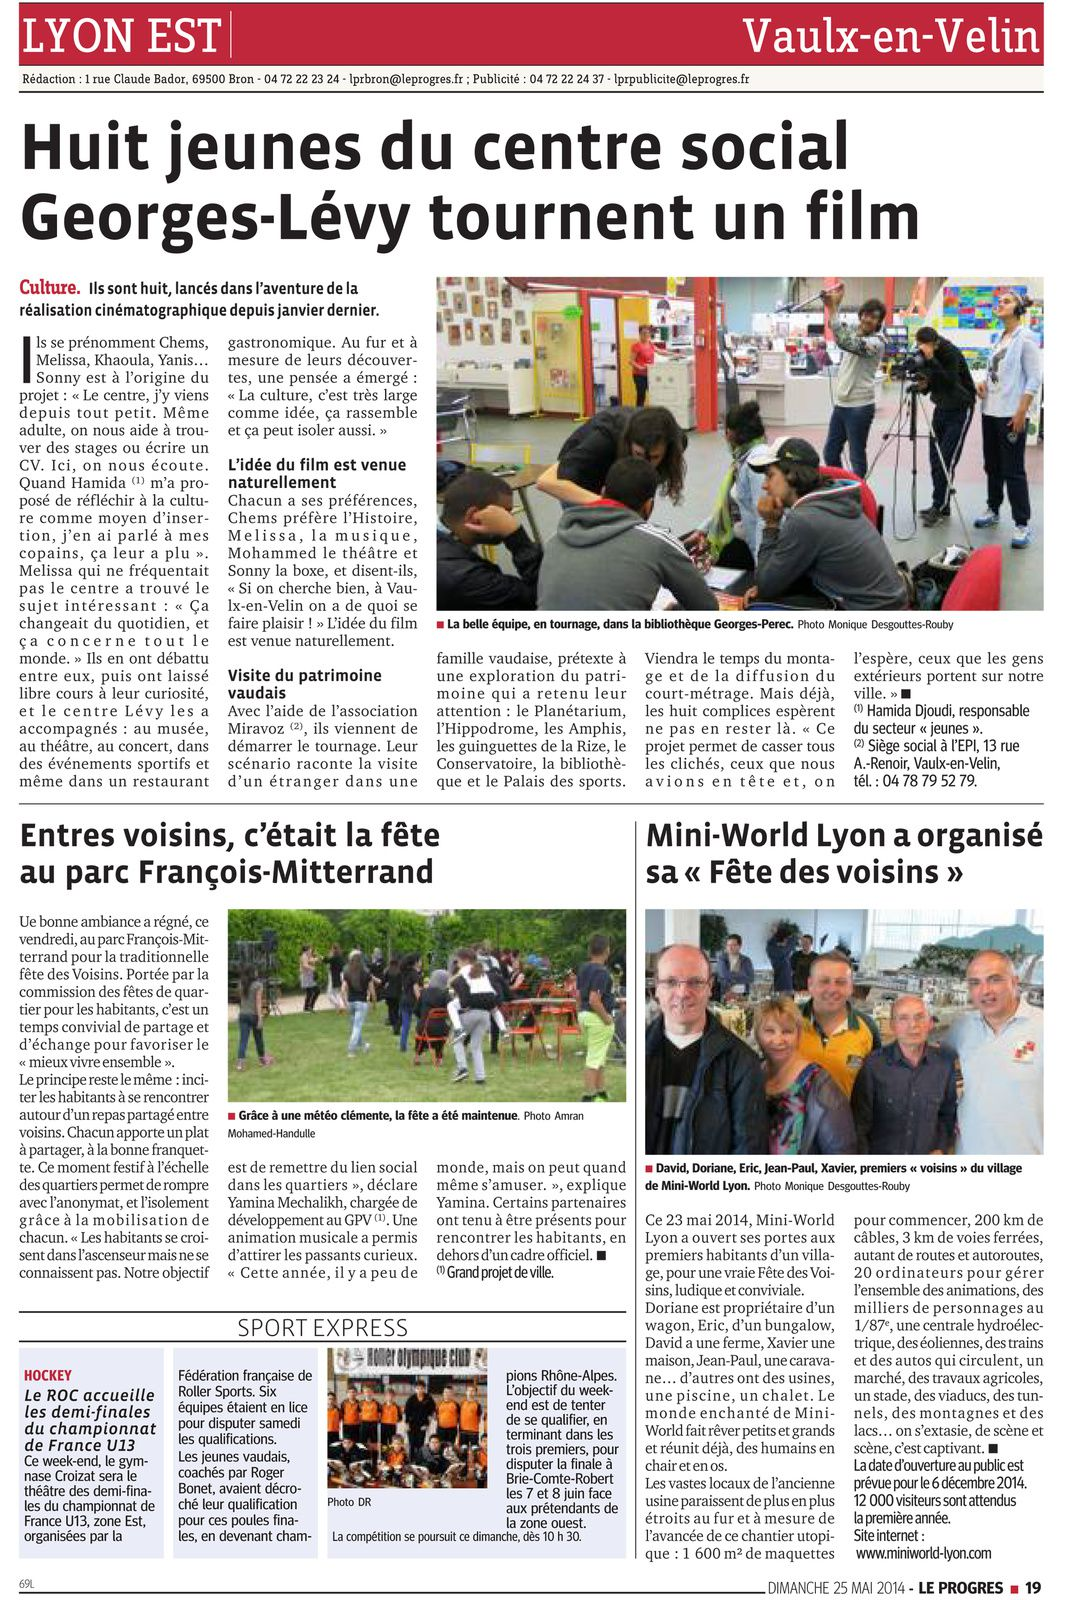 """Article paru dans """"Le Progrès de Lyon"""" du Dimanche 25 Mai 2014"""